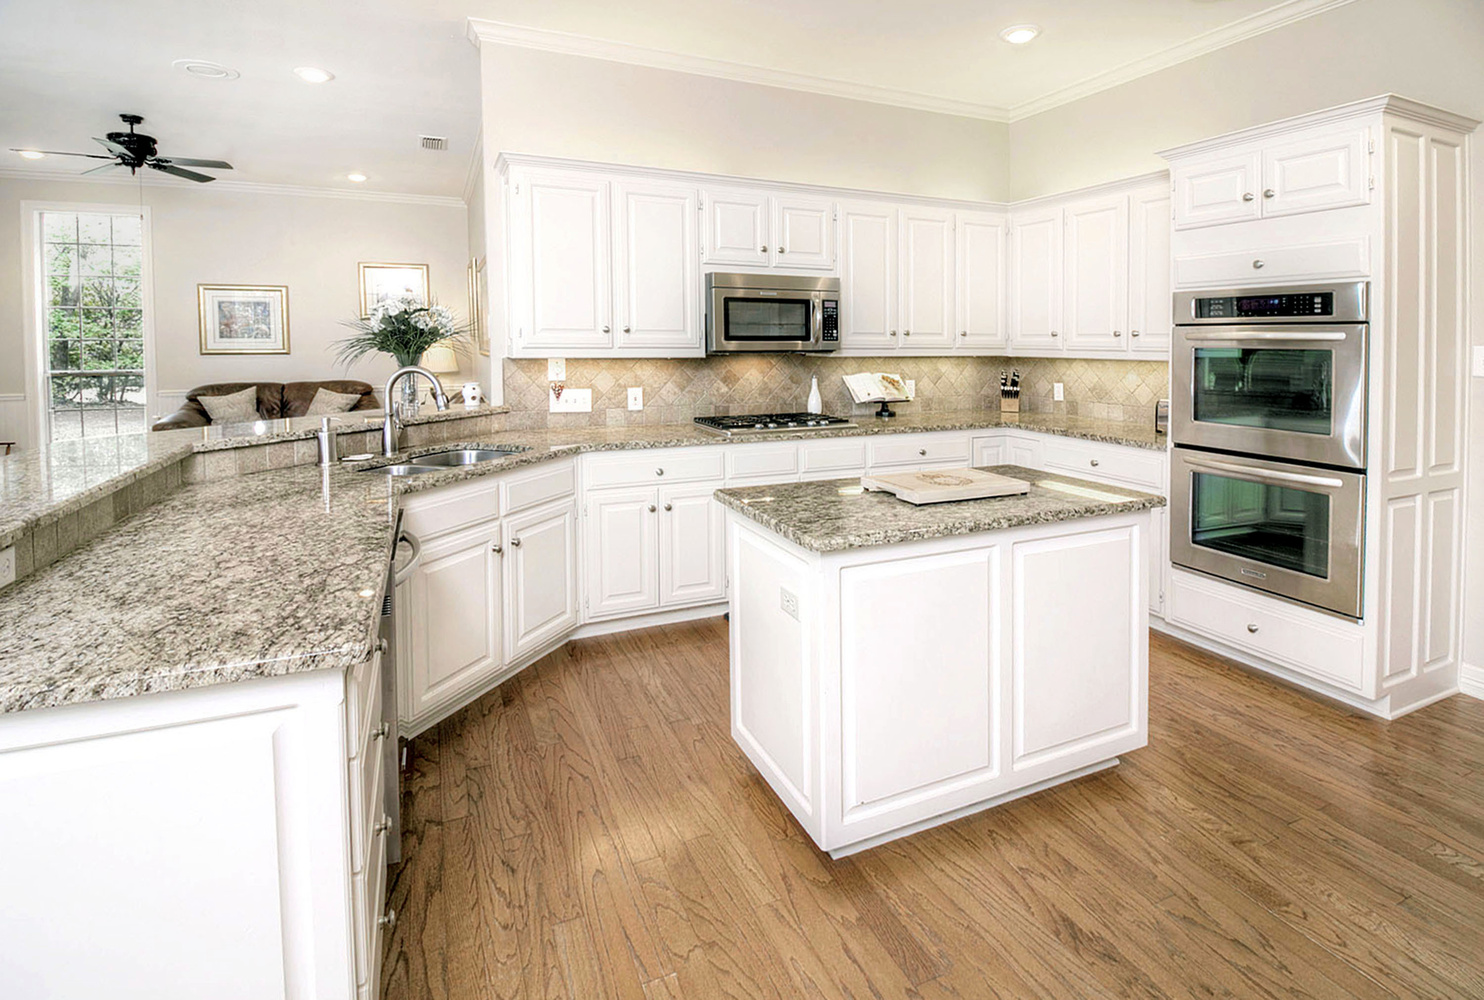 Kitchen interior by Todd Yates